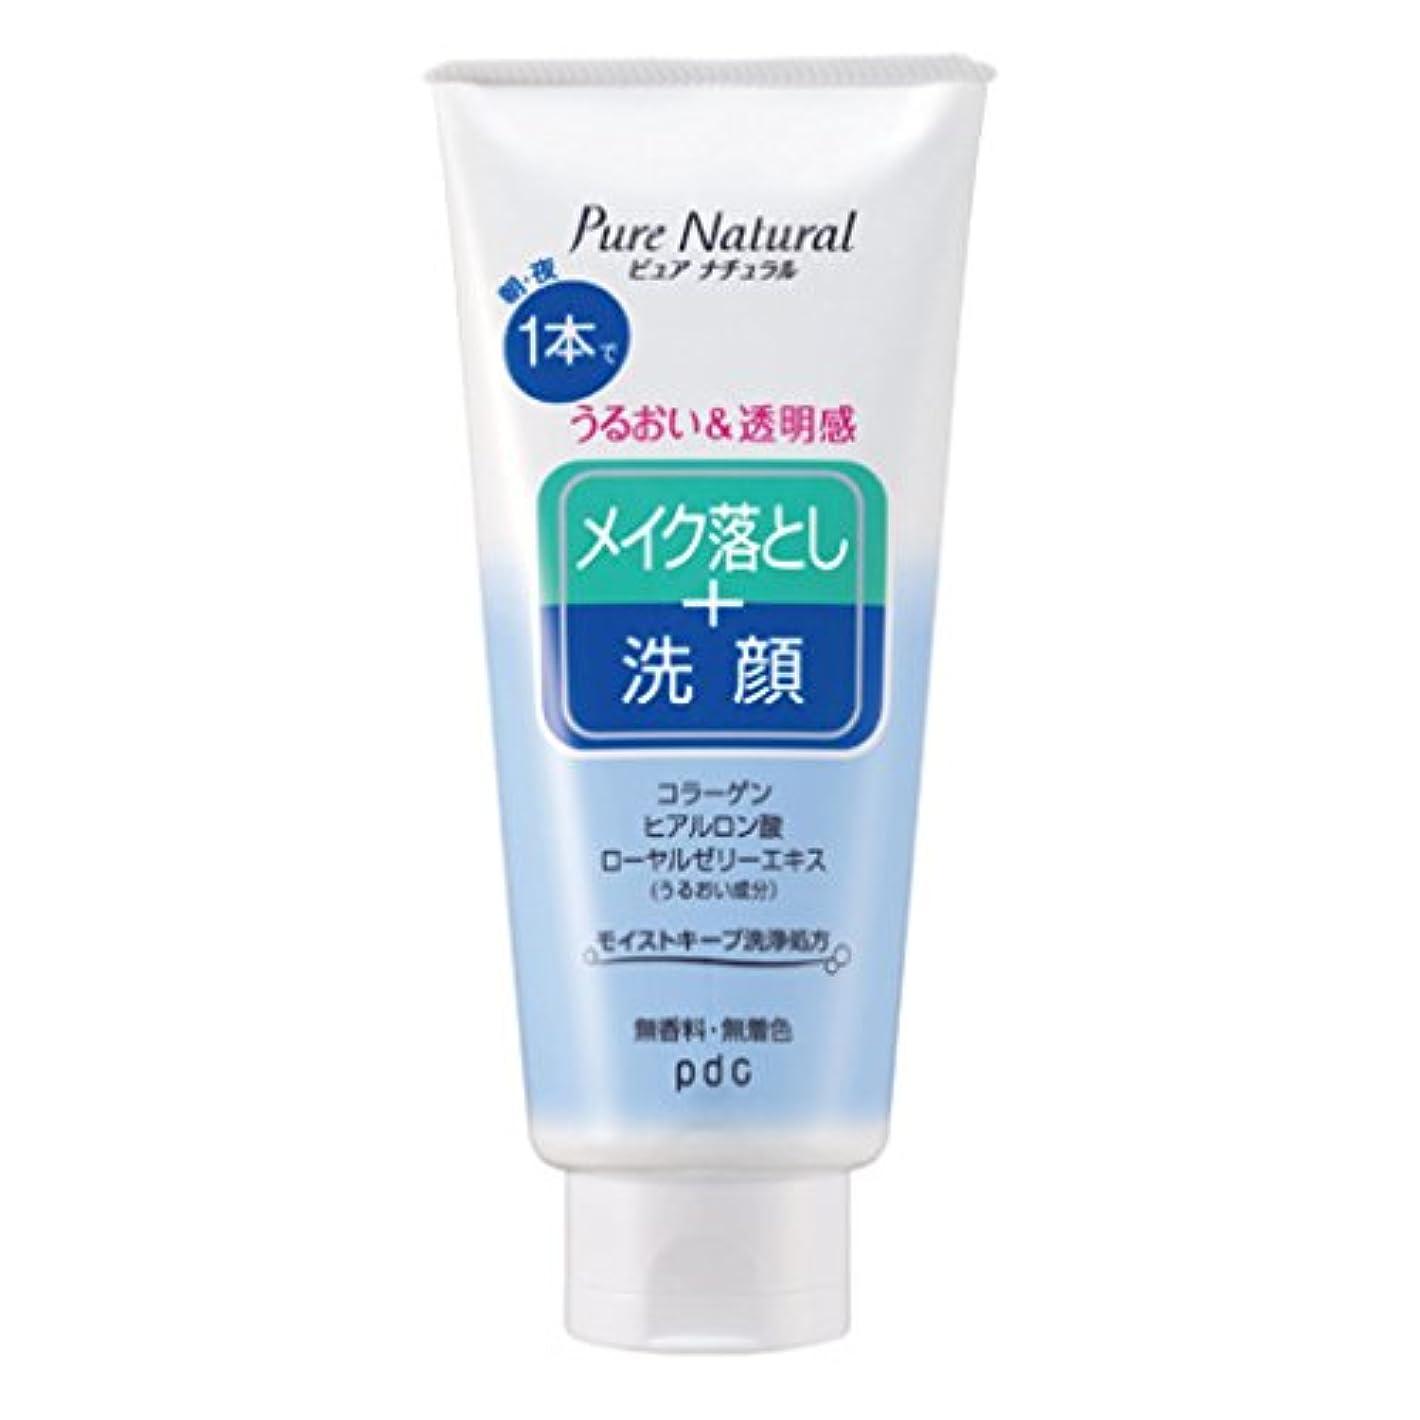 自己尊重海岸ボットPure NATURAL(ピュアナチュラル) クレンジング洗顔 170g